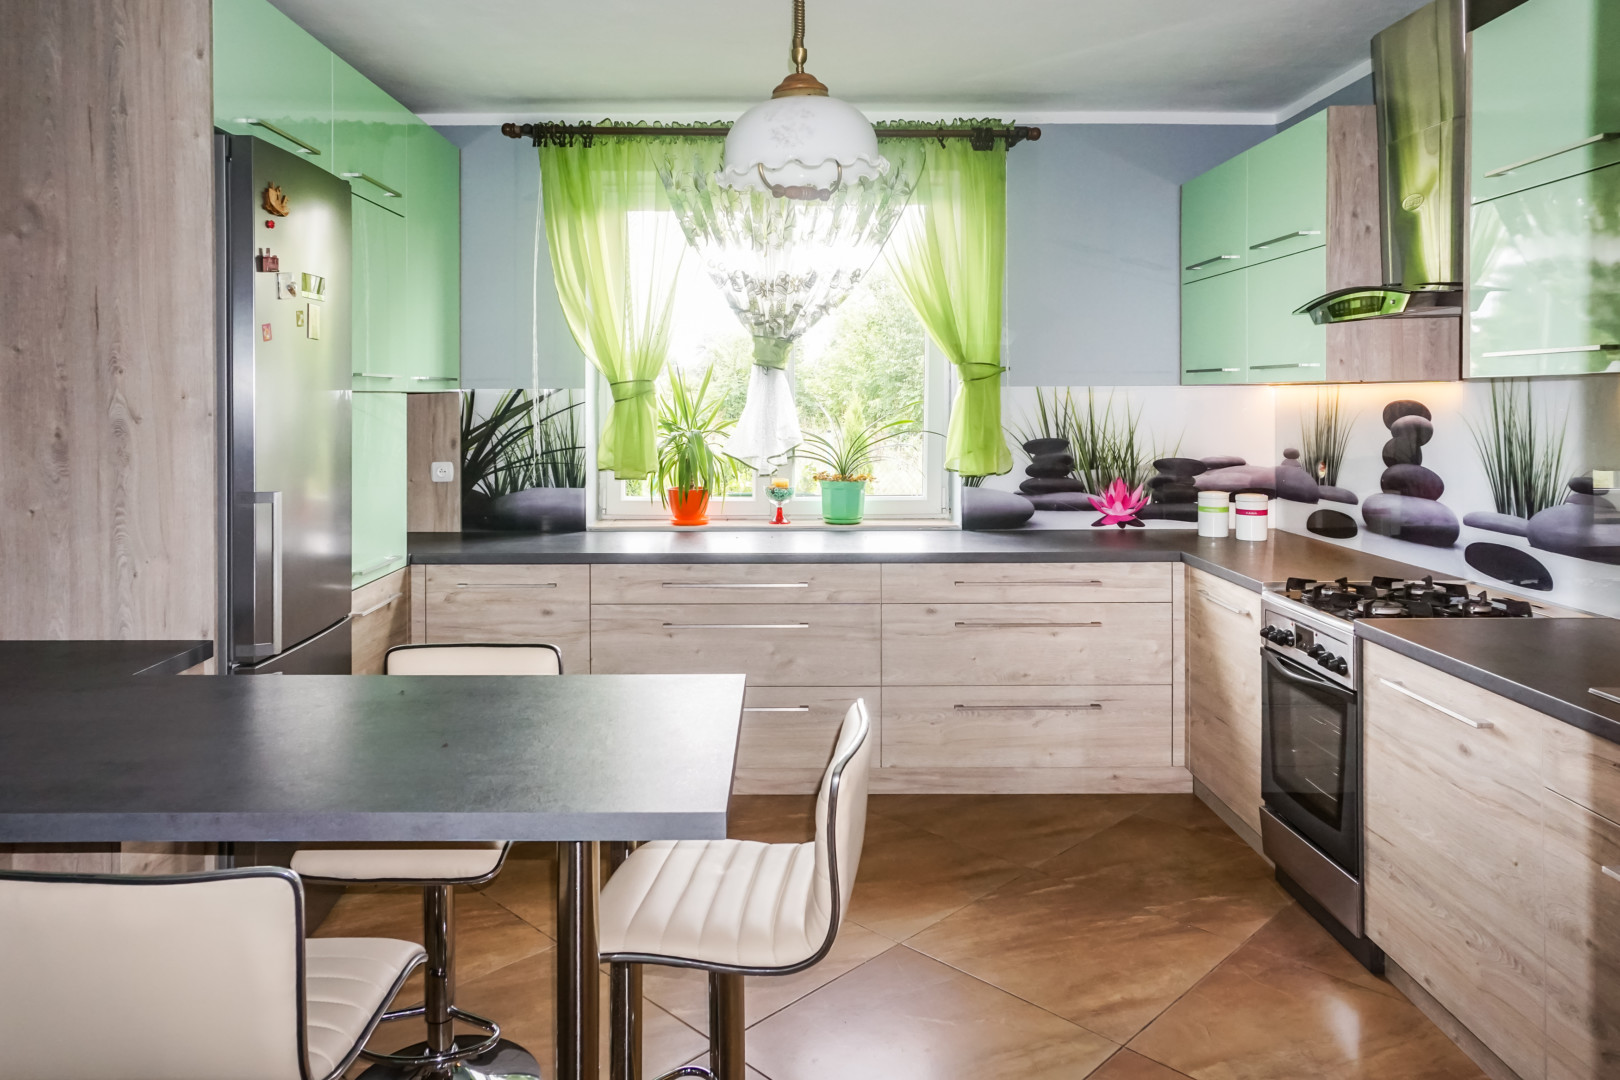 Kuchnia połączenie zielonego lakieru i drewna